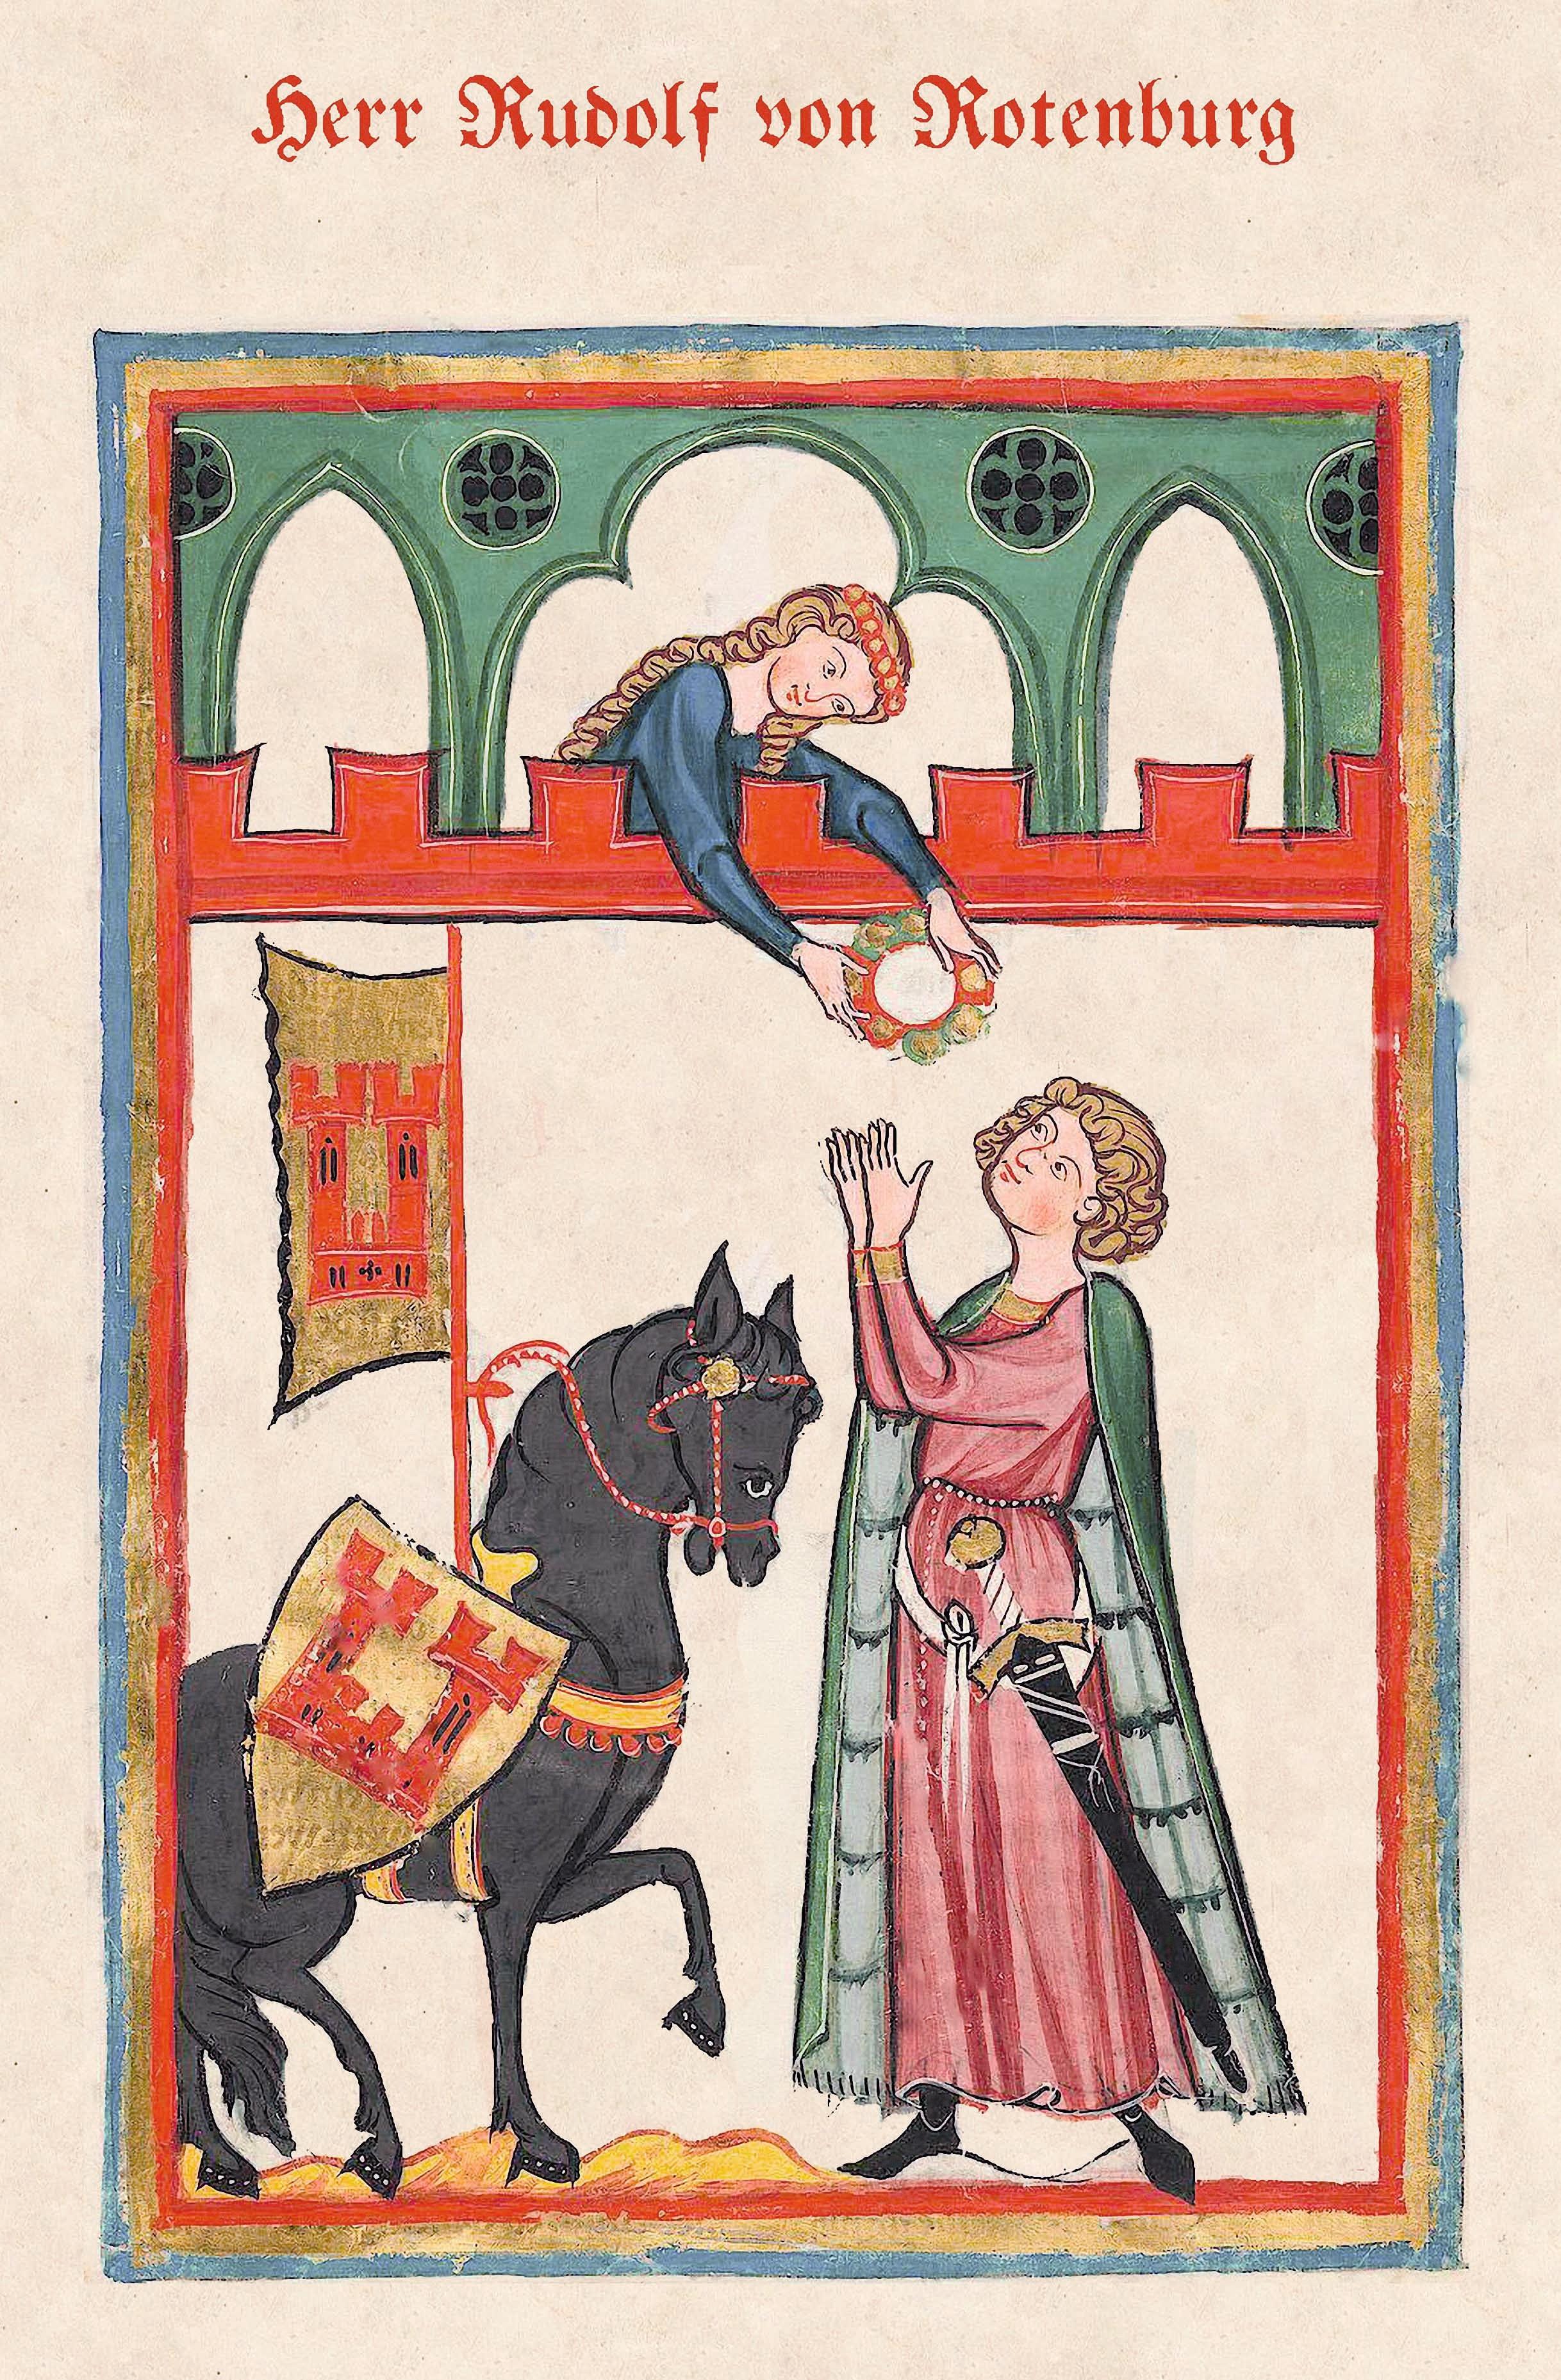 Livre de chants médiéval appartenant à Rudolf von Rotenburg, 1257.